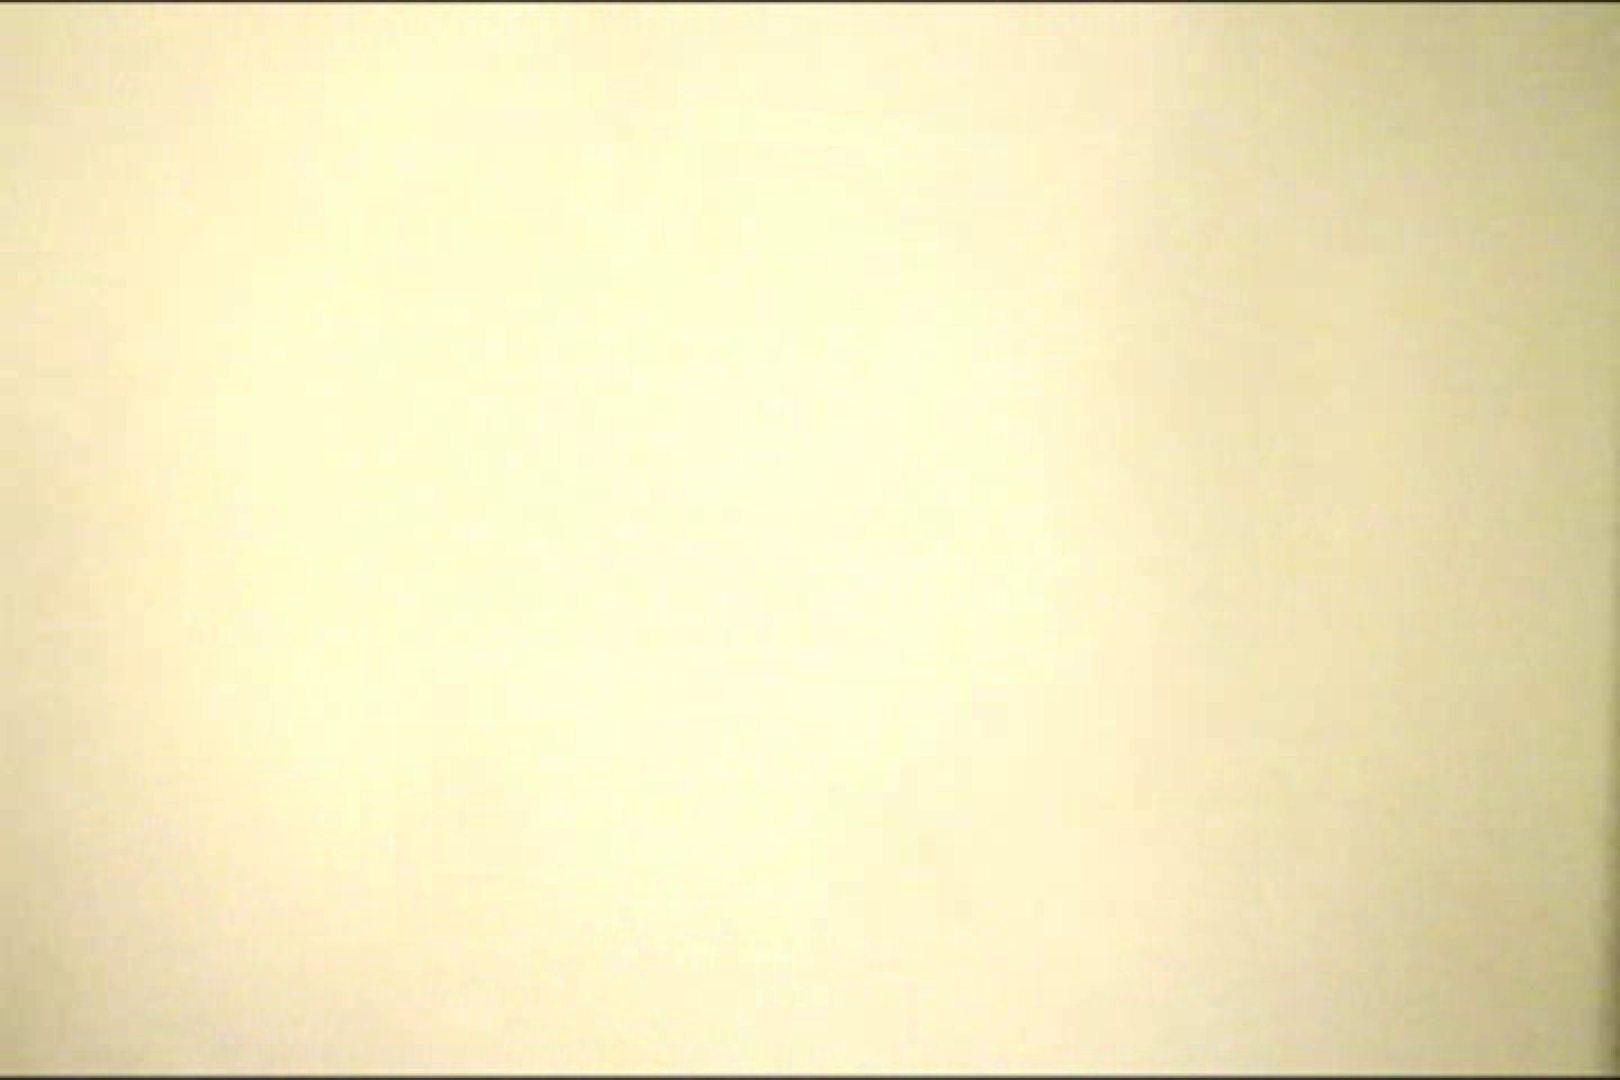 マンコ丸見え女子洗面所Vol.18 マンコ映像  105連発 95